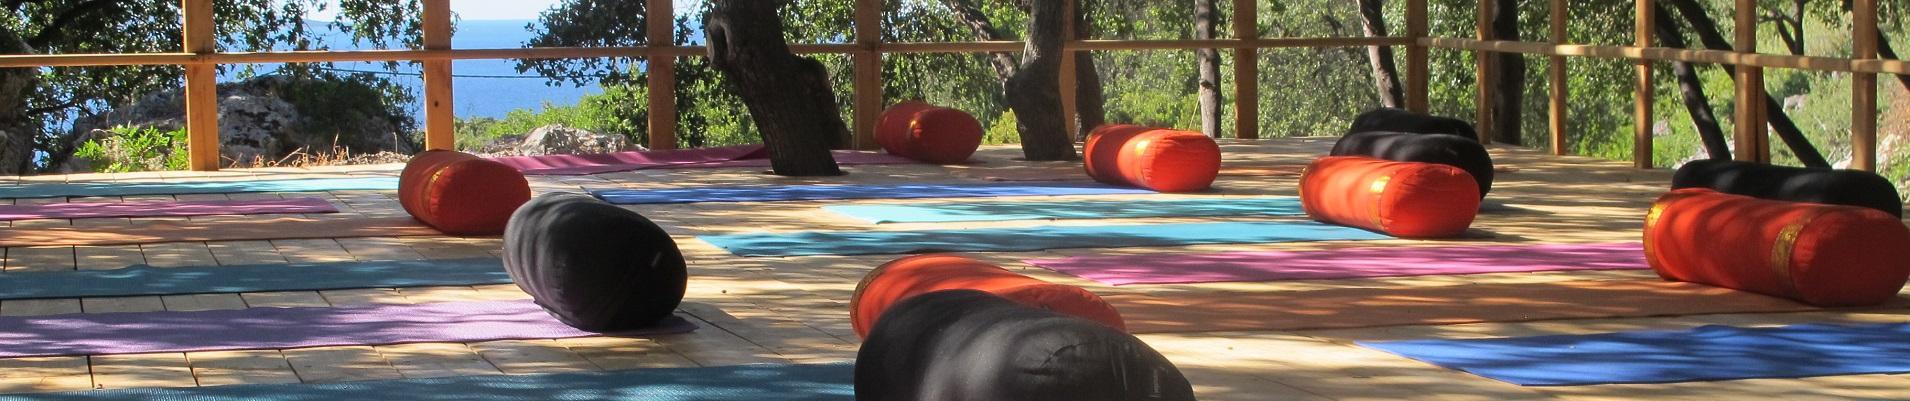 Ville in Sicilia con corsi yoga